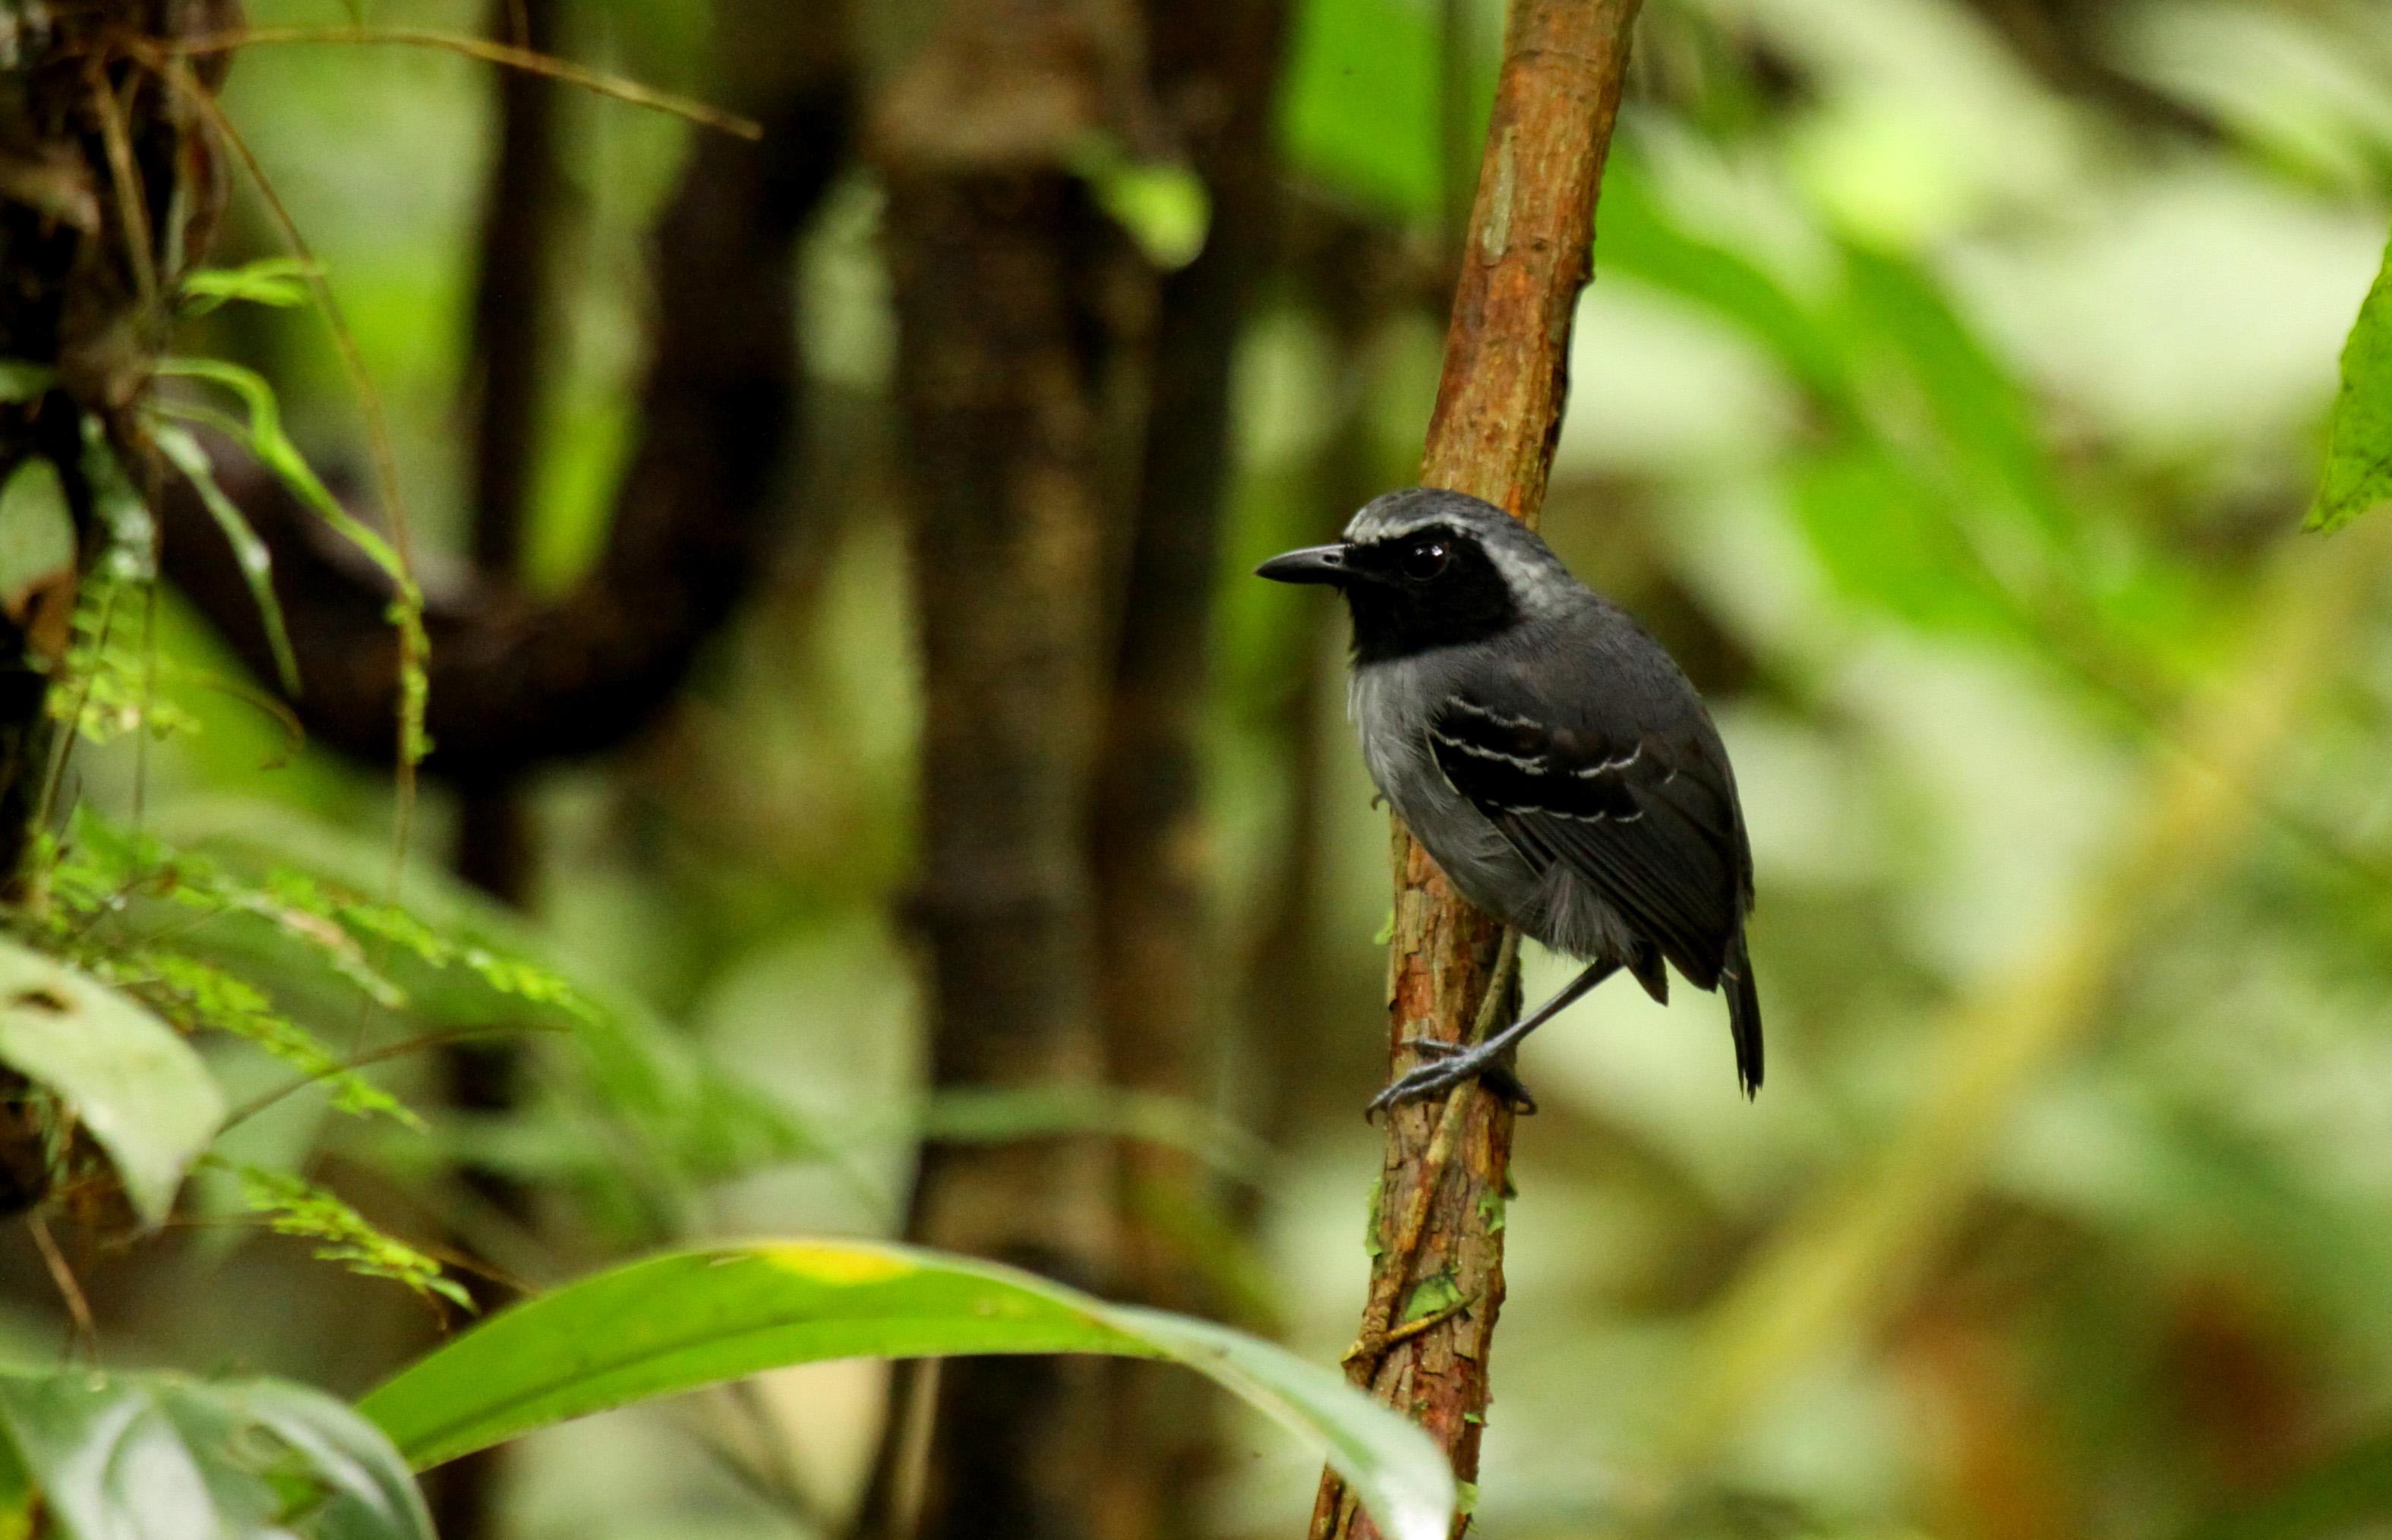 Black-faced Antbird; found following Army Ants Swarm